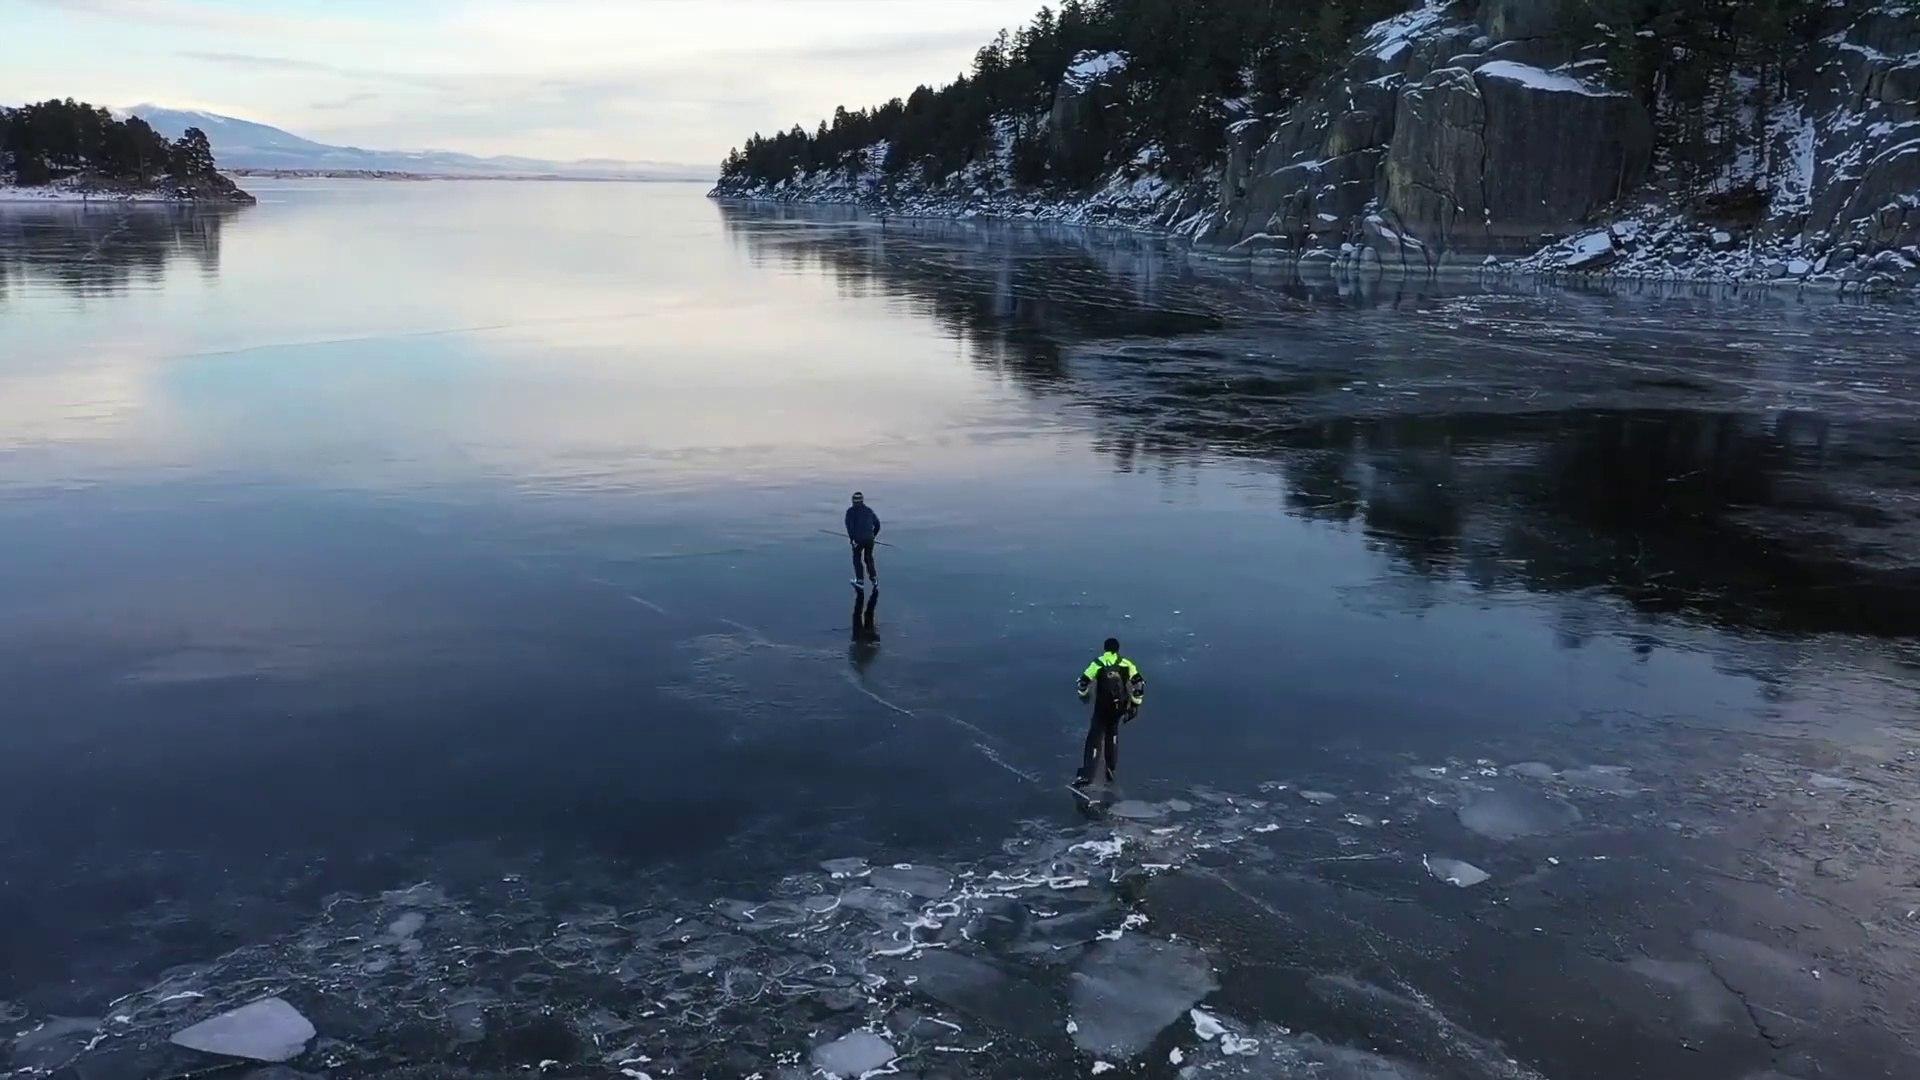 Ils font du patin à glace sur un lac gelé transparent - Canyon Ferry Lake